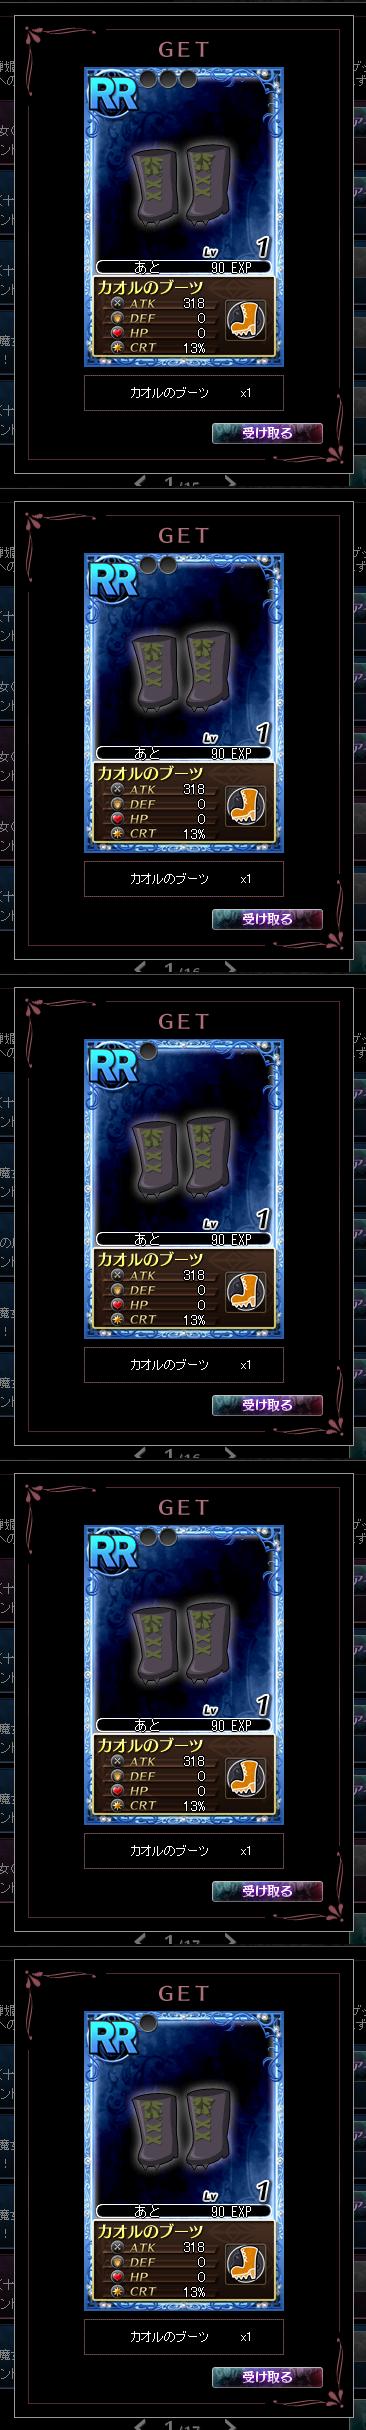 2013/10/09 カオルのブーツ1